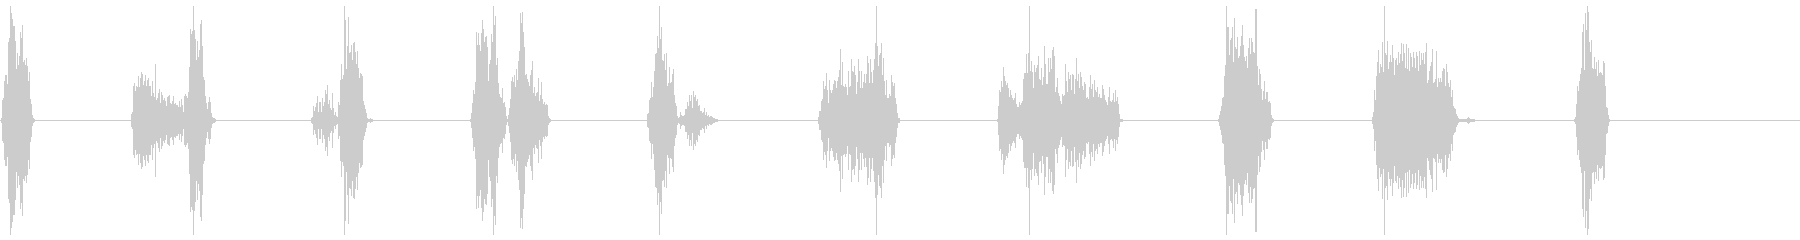 モンスター、タイプ2、Ro音1-10の未再生の波形